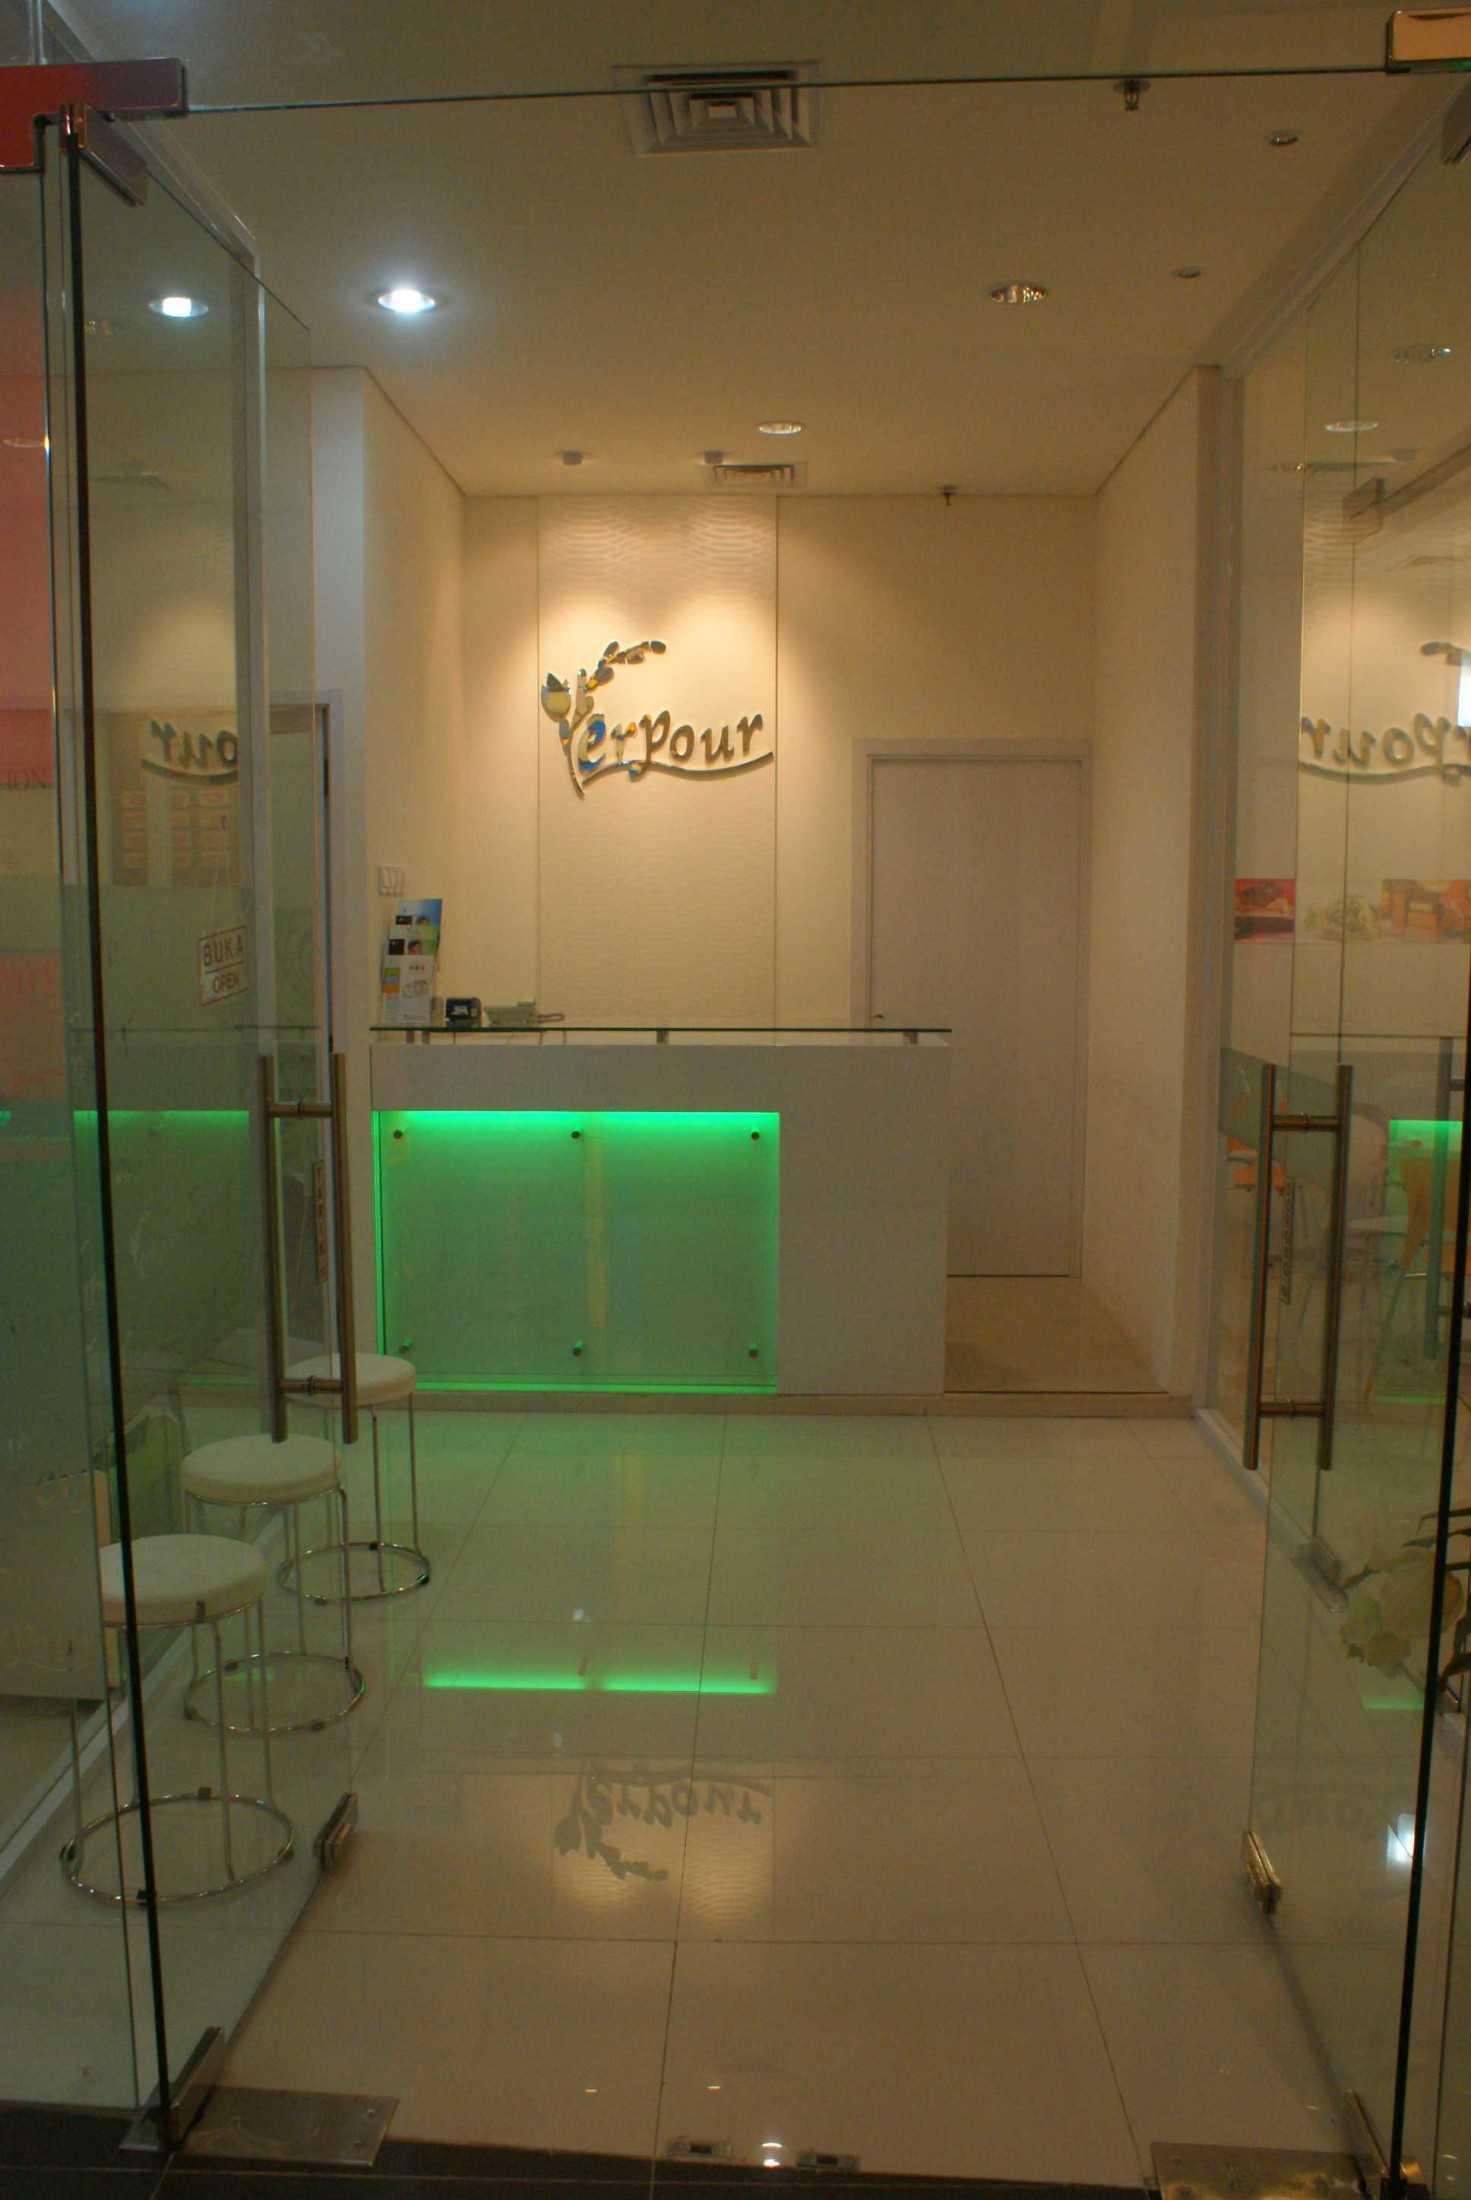 Astana Interior Beauty Clinic Jl. Boulevard Bar. Raya, Rt.18/rw.8, Klp. Gading Bar., Klp. Gading, Kota Jkt Utara, Daerah Khusus Ibukota Jakarta 14240, Indonesia Jl. Boulevard Bar. Raya, Rt.18/rw.8, Klp. Gading Bar., Klp. Gading, Kota Jkt Utara, Daerah Khusus Ibukota Jakarta 14240, Indonesia Astana-Interior-Beauty-Clinic  58156